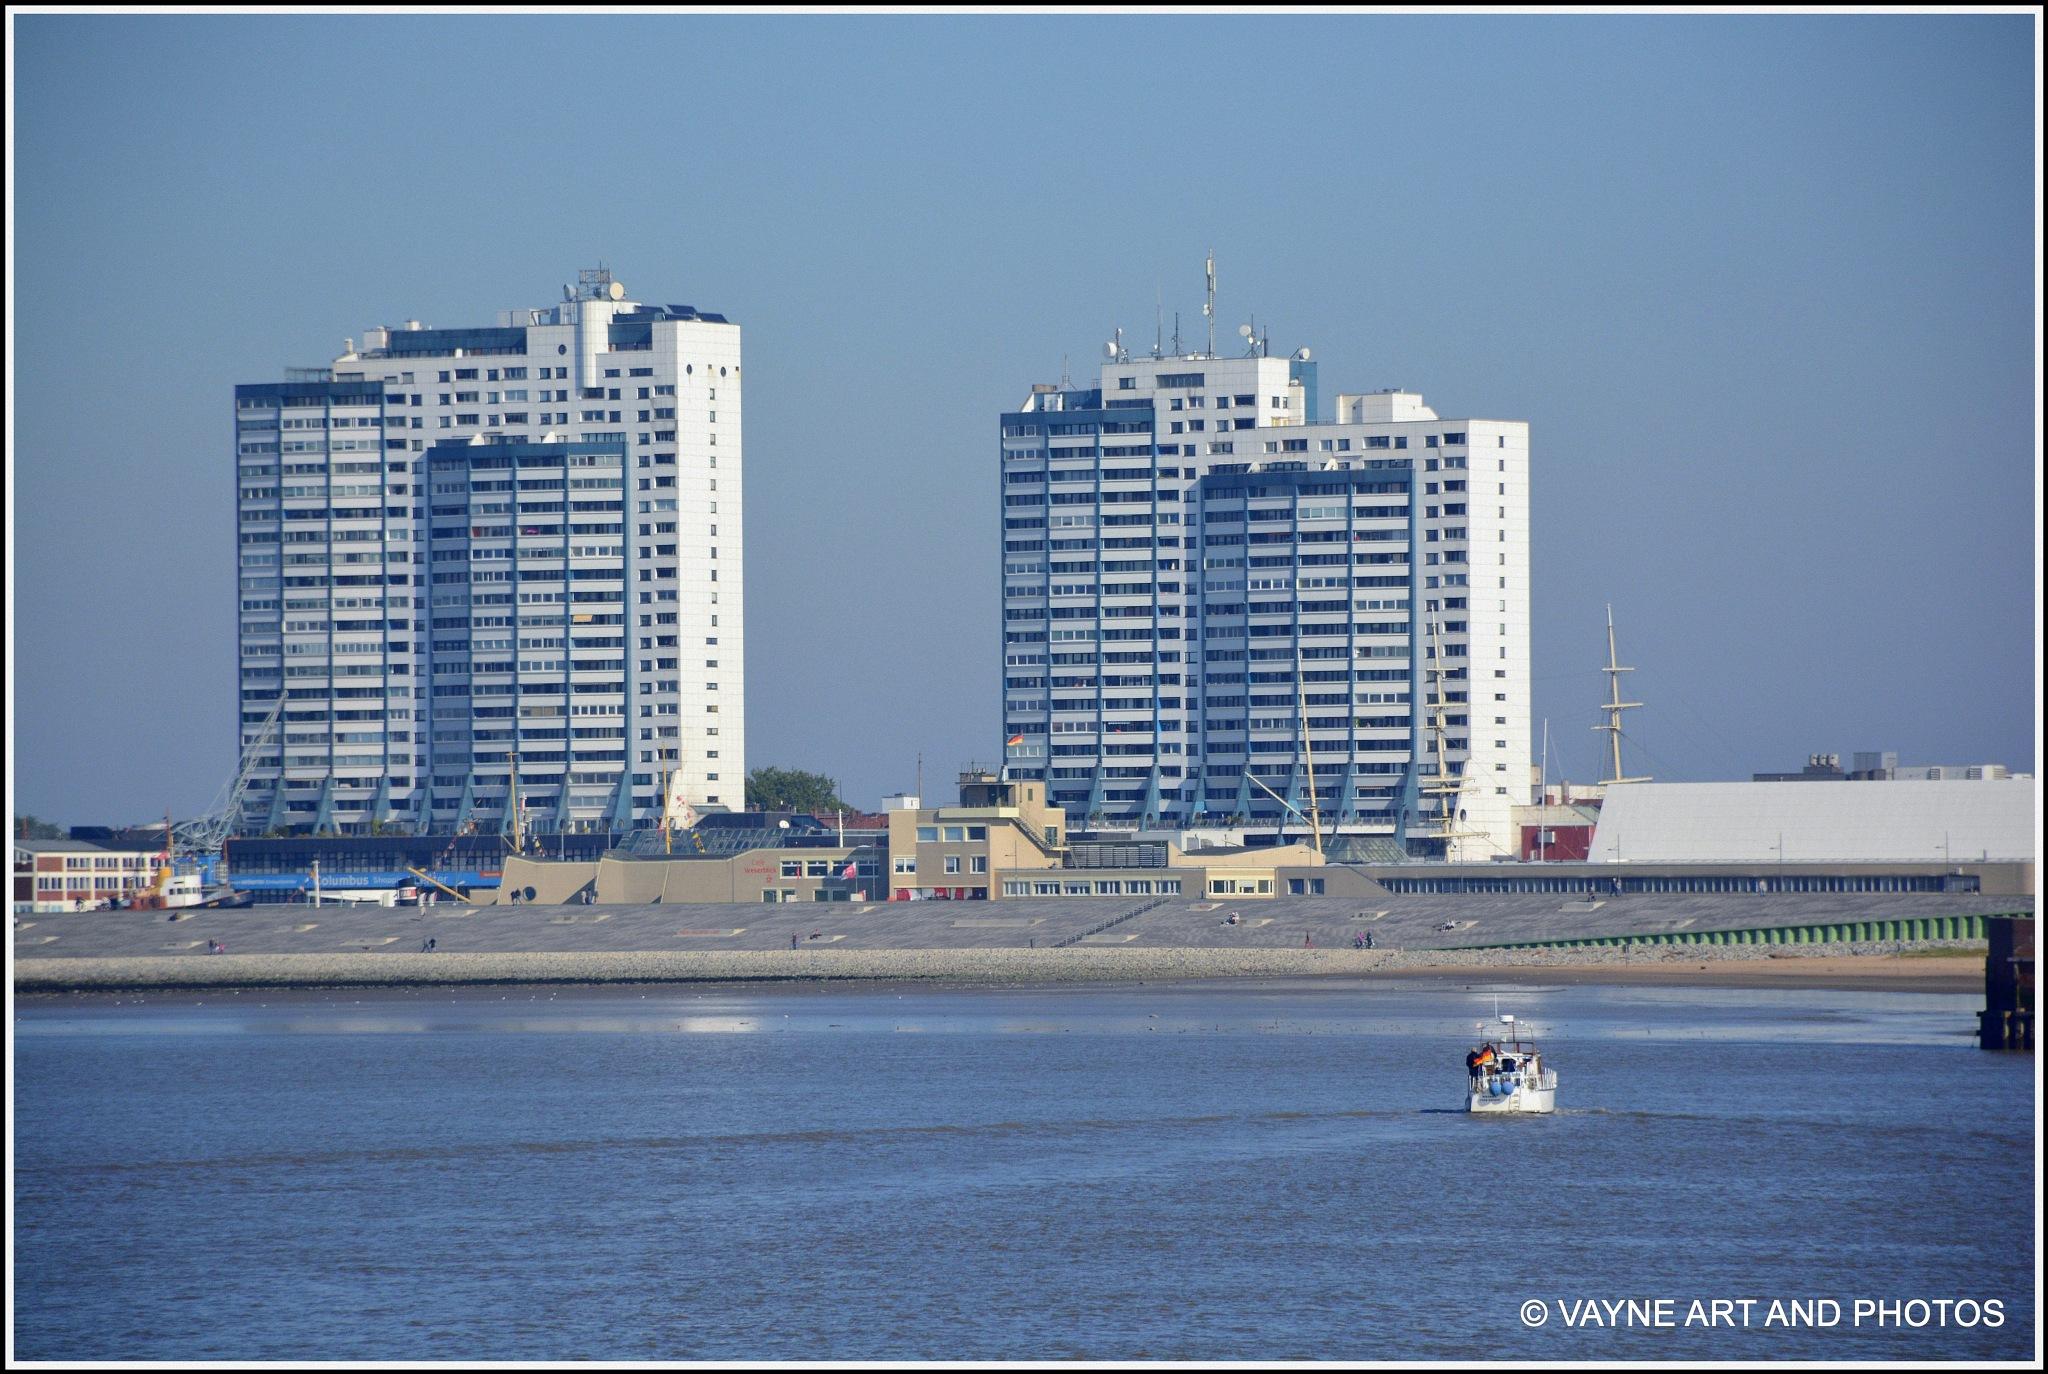 Skyline Bremerhaven by Jacob van der Veen